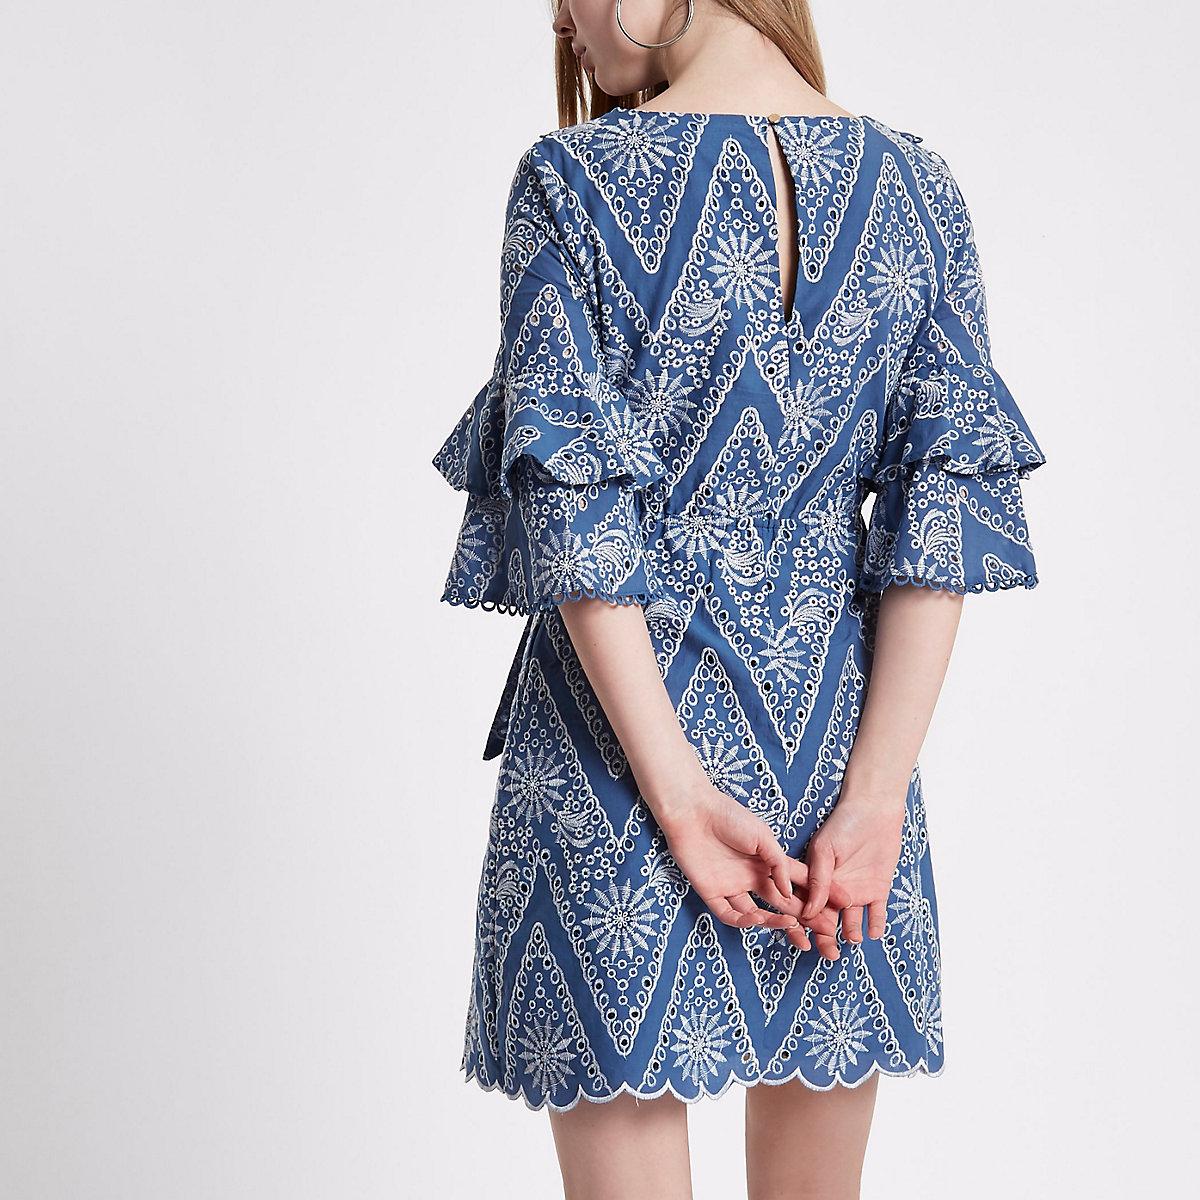 588097874b7b Hellblaues Kleid mit Lochstickerei - Swingkleider - Kleider - Damen